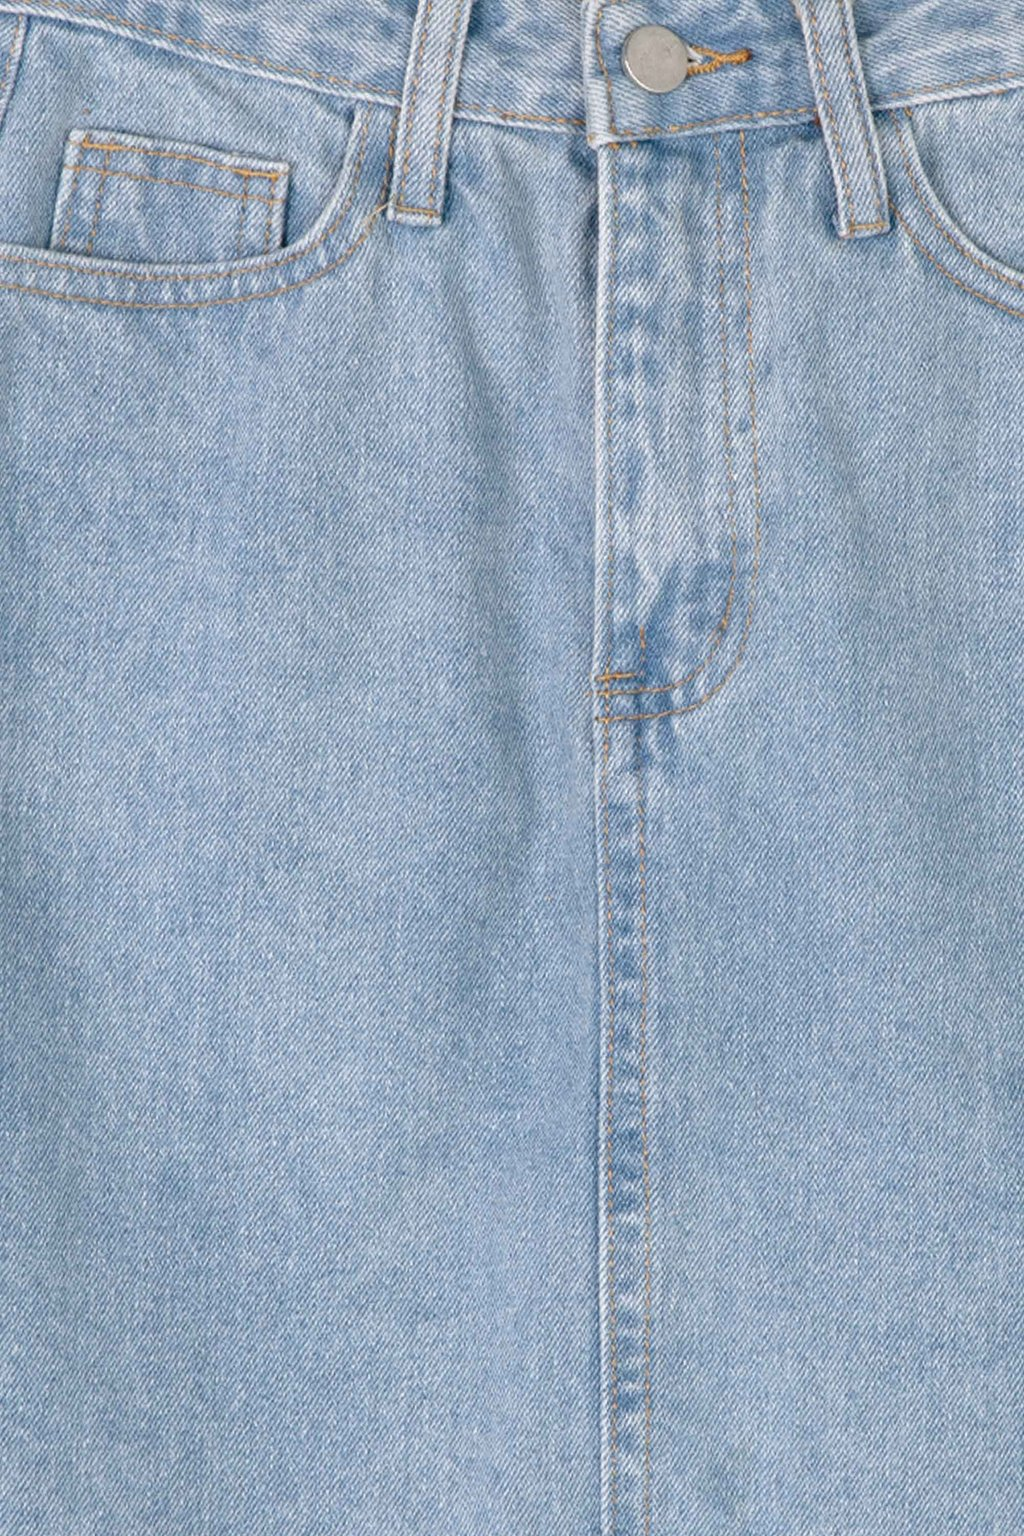 Skirt K011 Blue 8